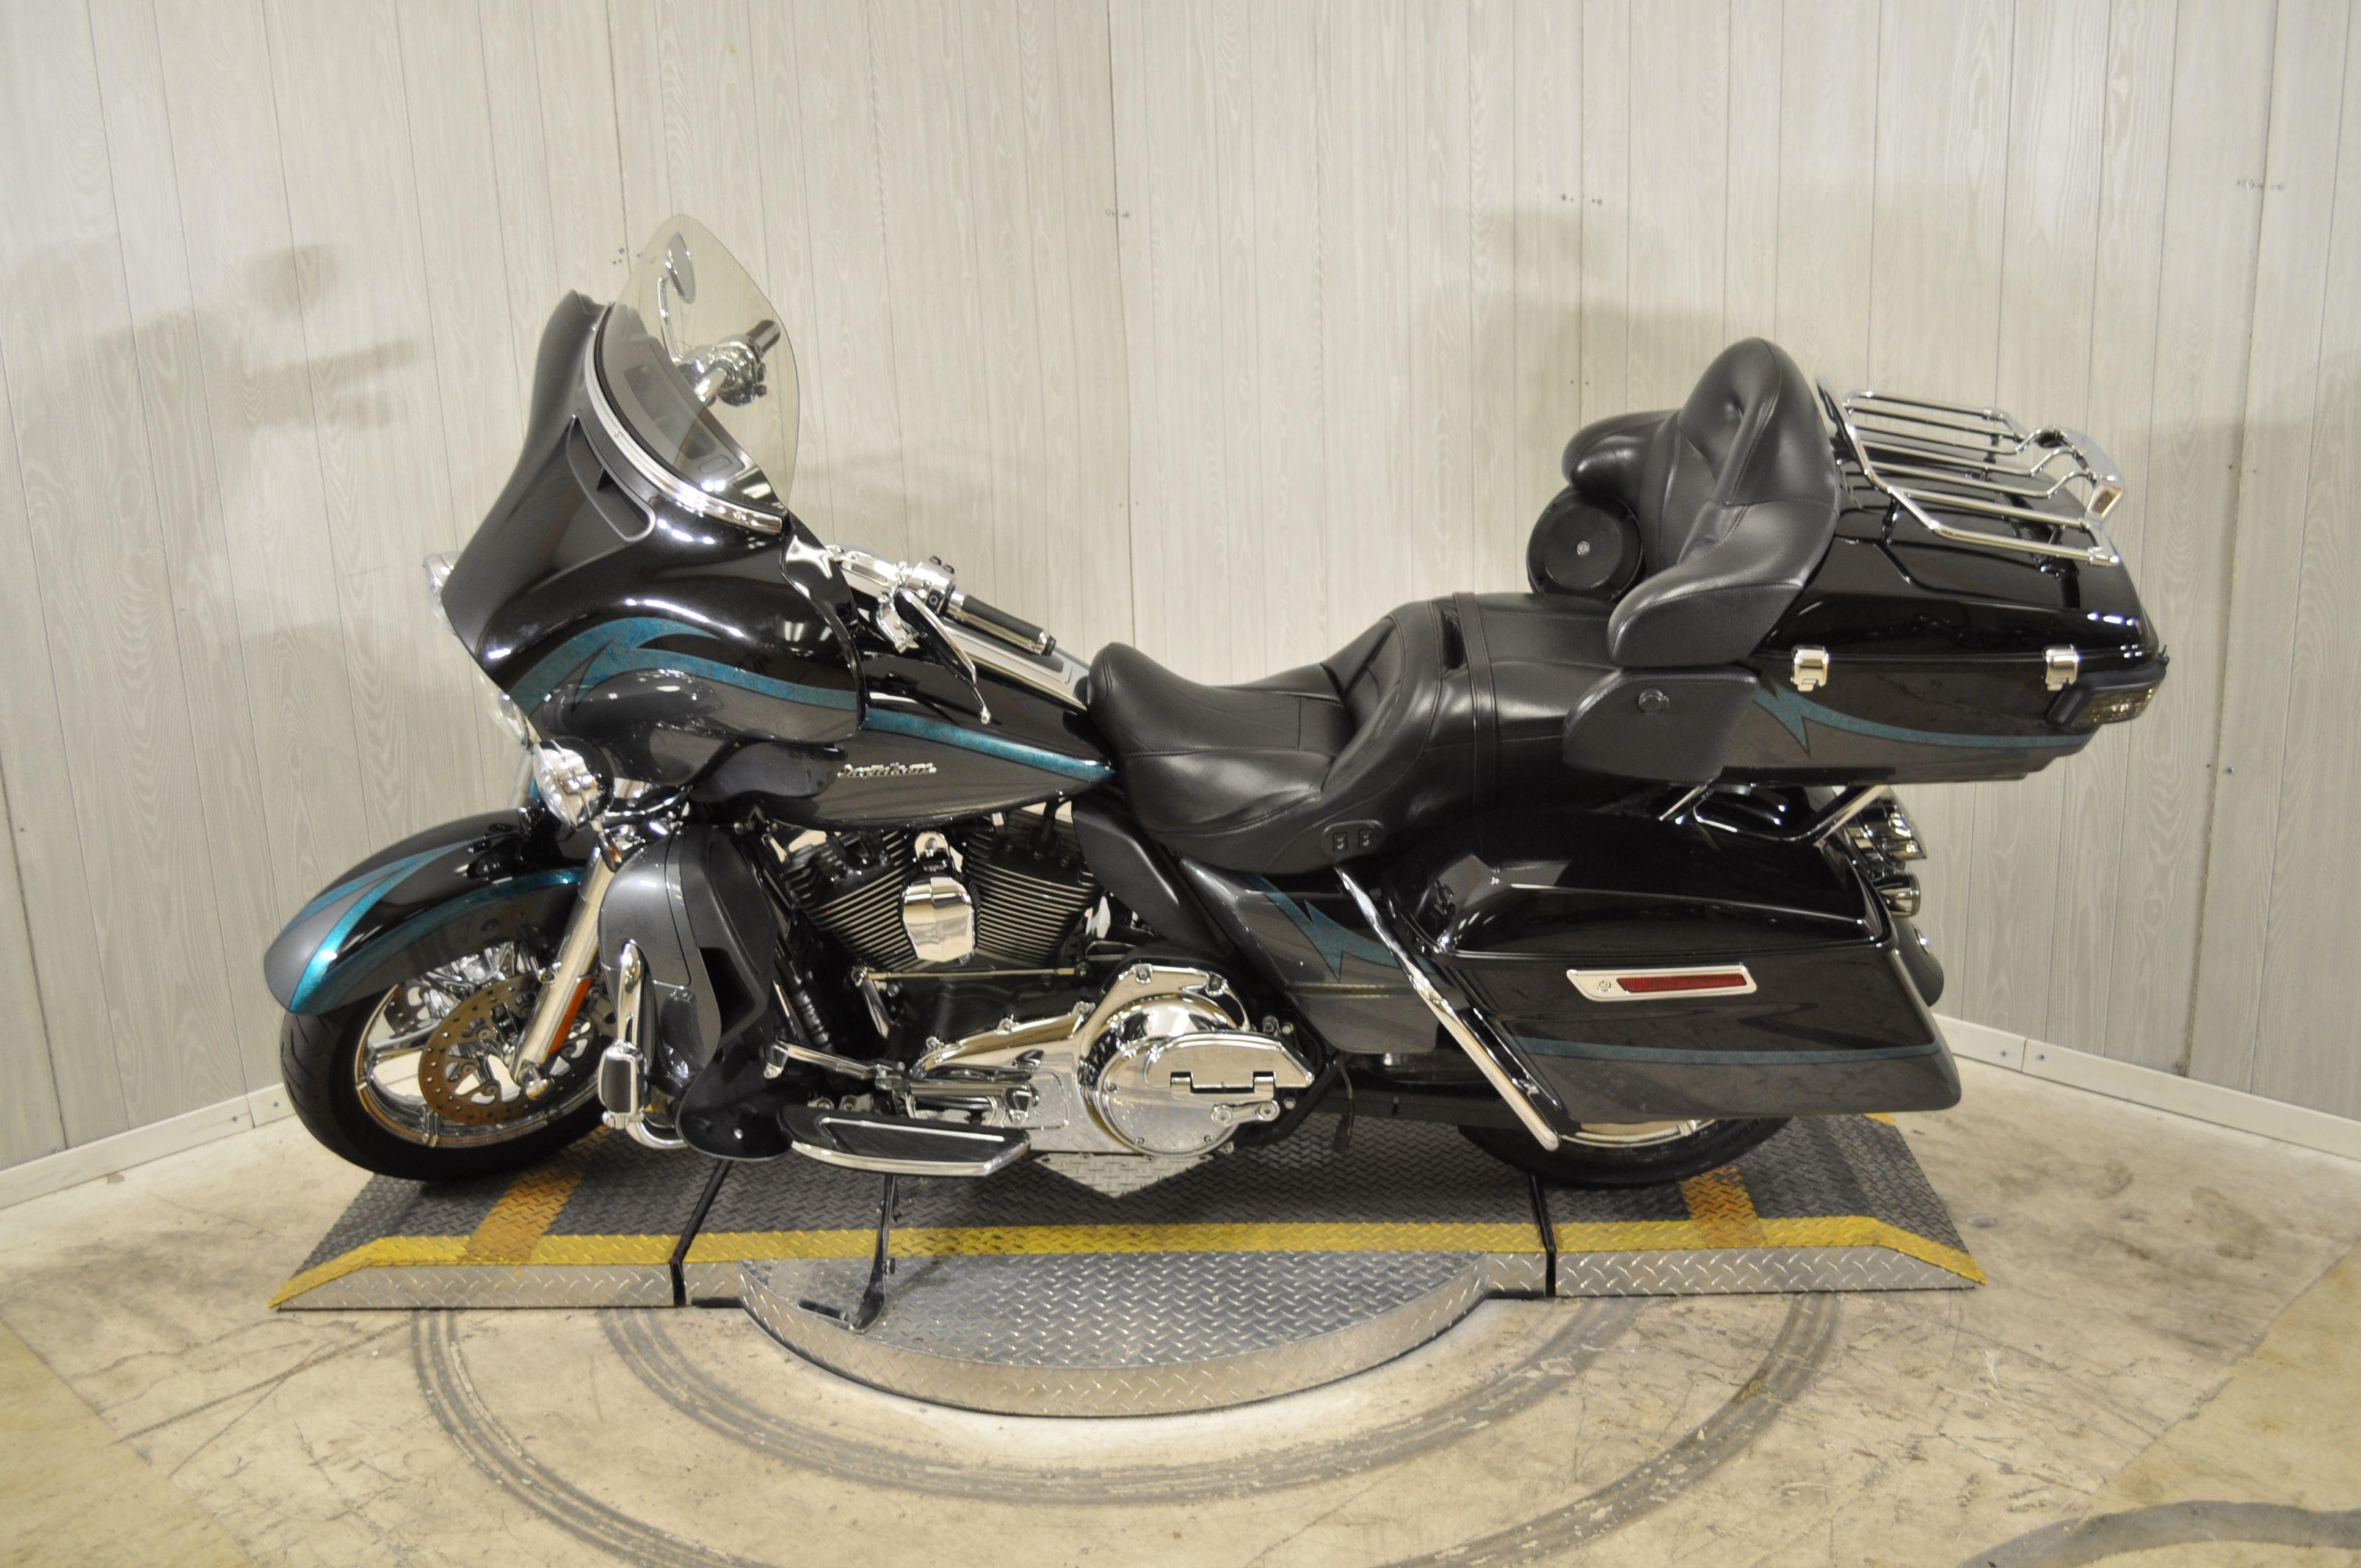 Pre-Owned 2015 Harley-Davidson CVO Limited FLHTKSE